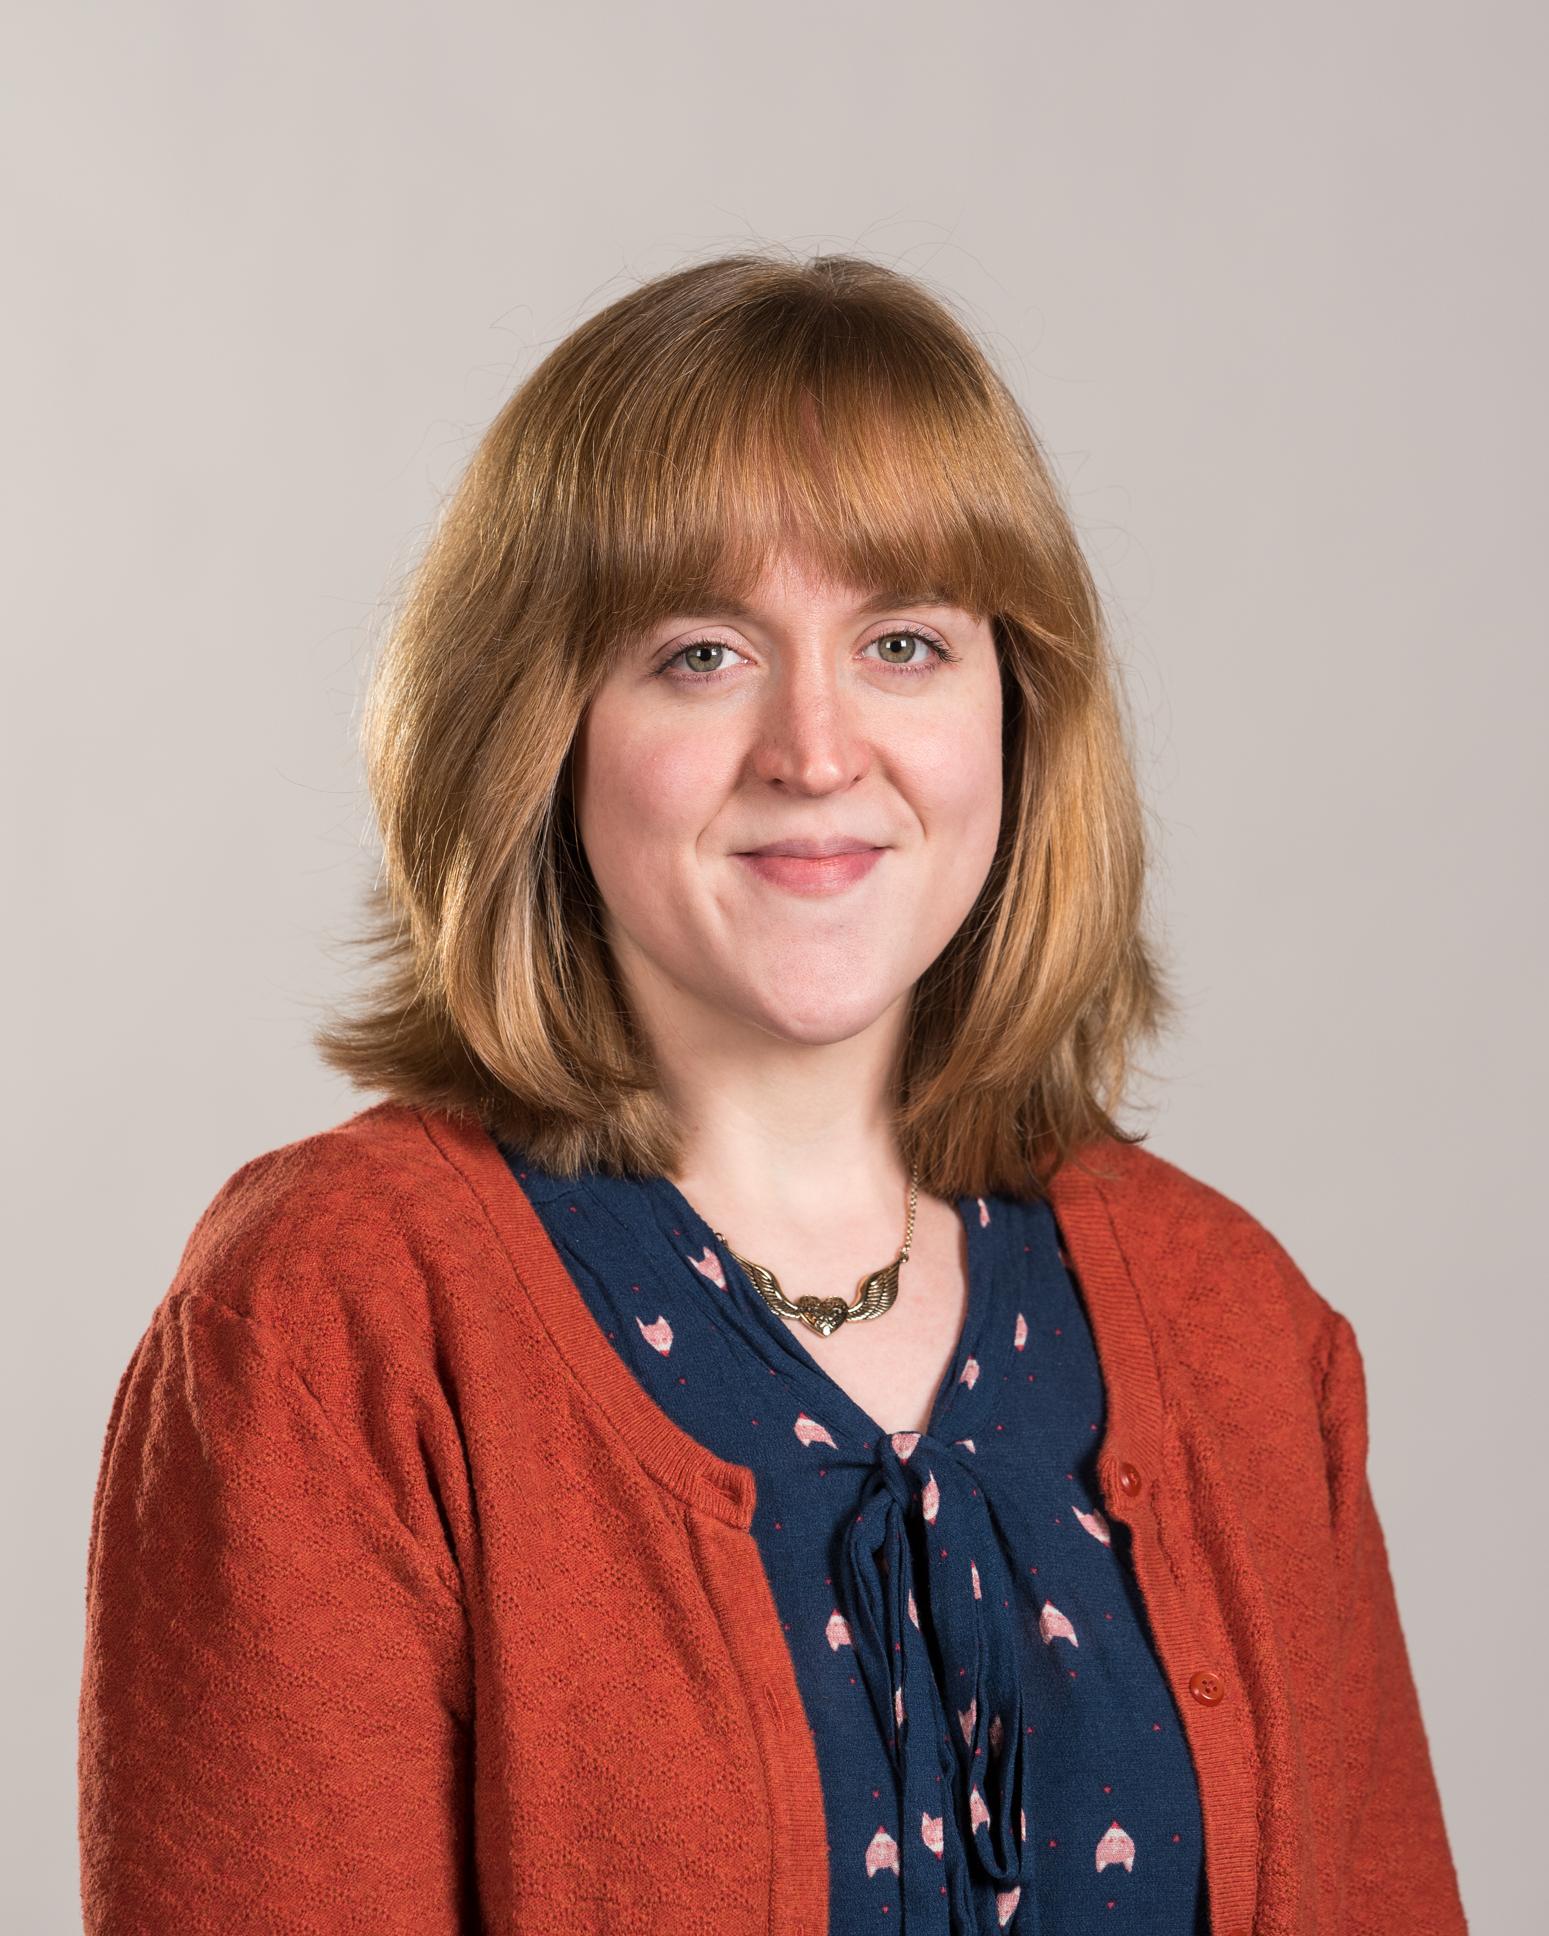 Headshot of Emily Porter-Fyke